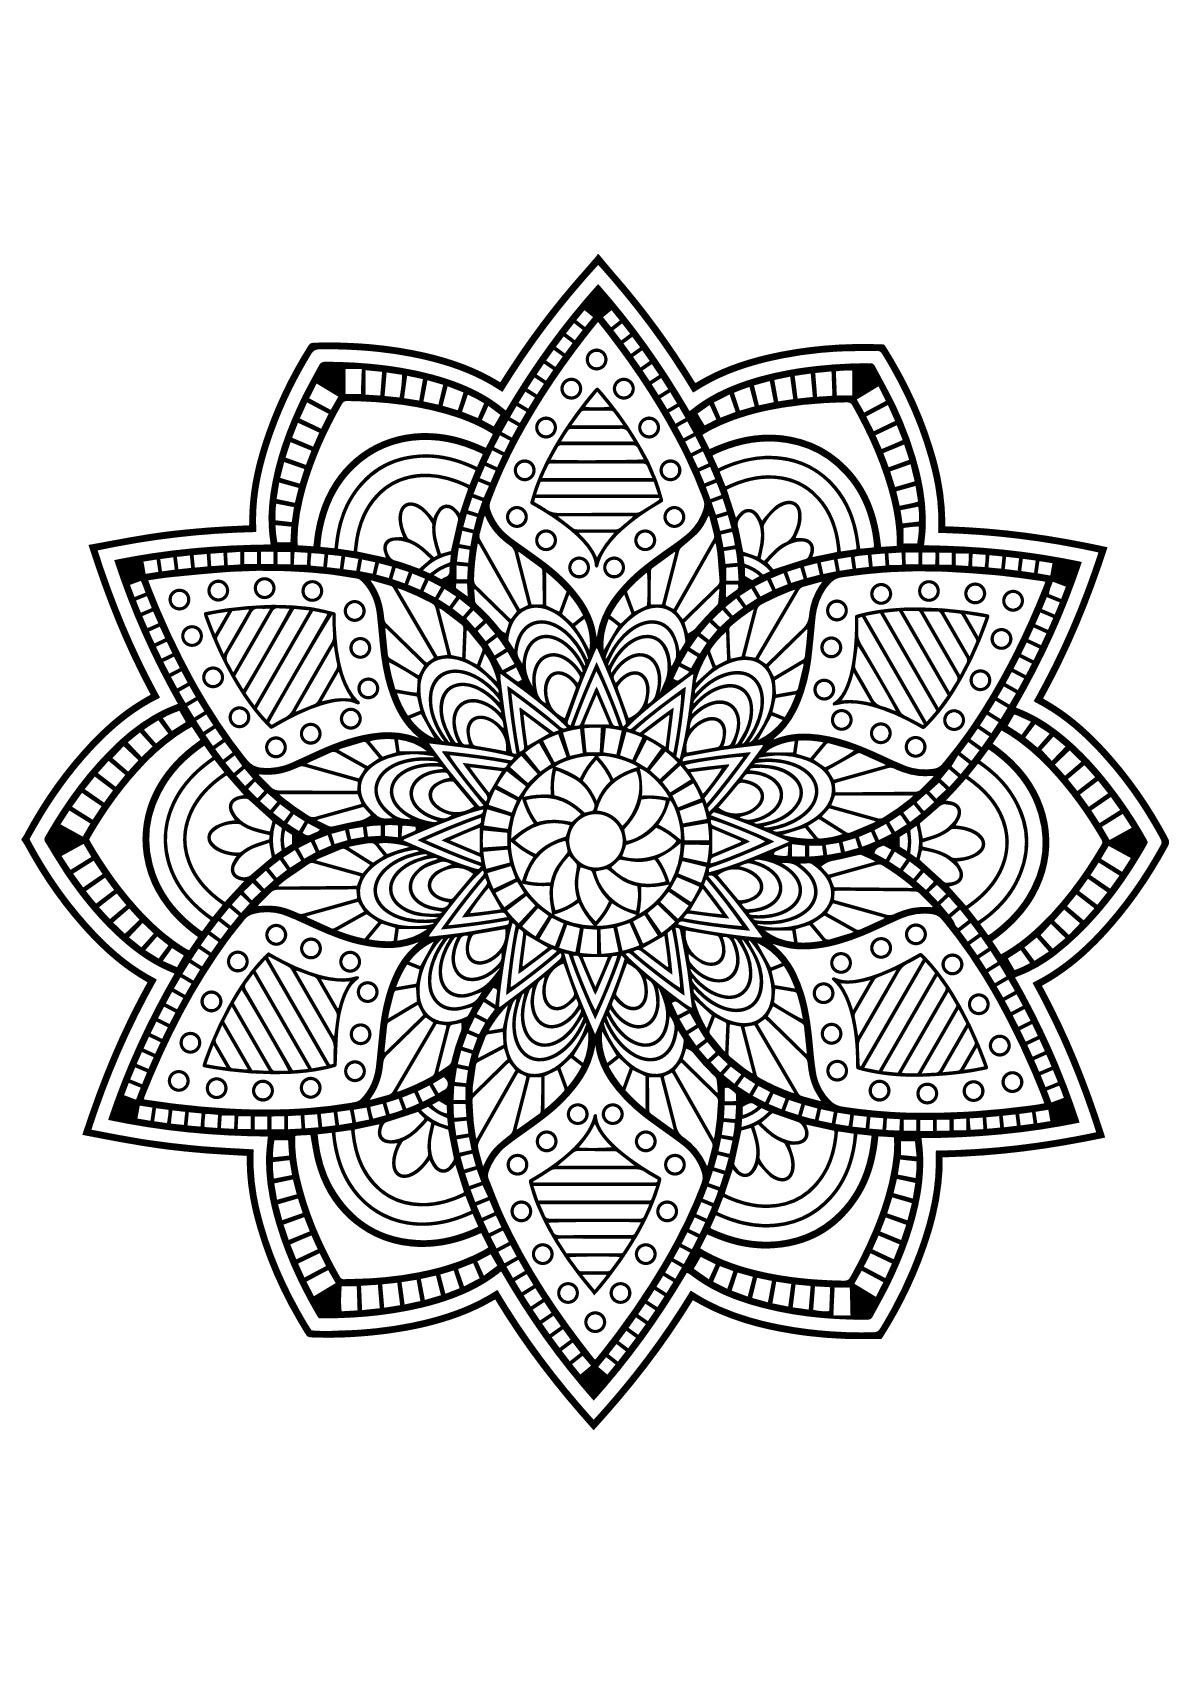 Mandala Livre Gratuit 24 - Mandalas - Coloriages pour Livre De Coloriage Pour Adulte